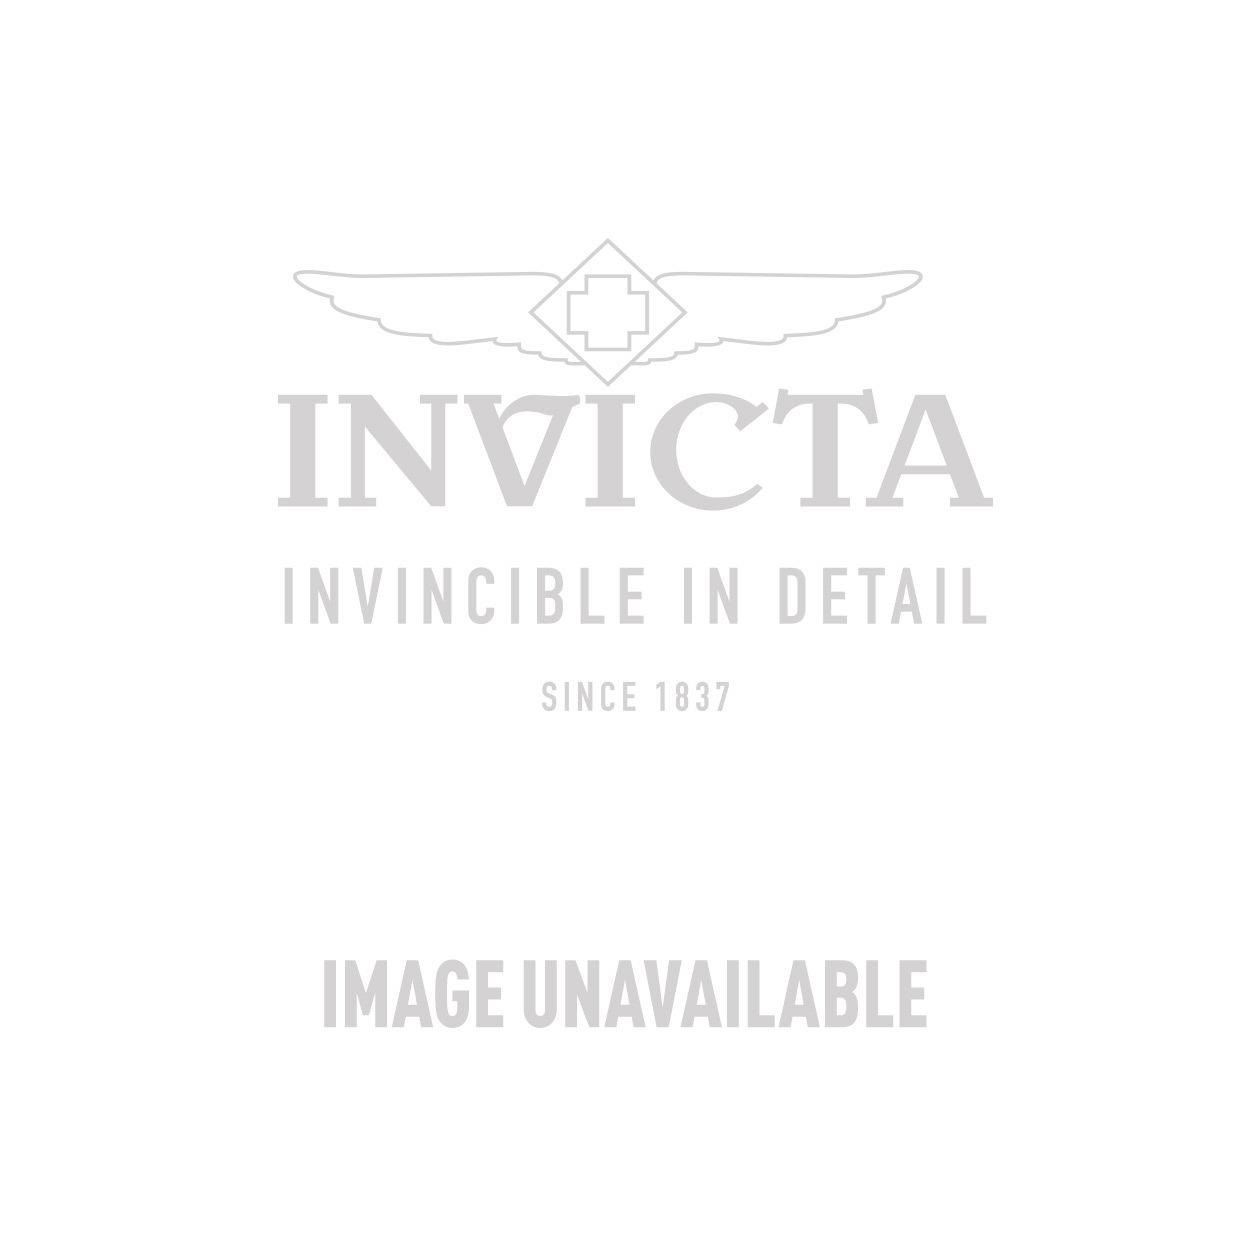 Invicta Model 26925